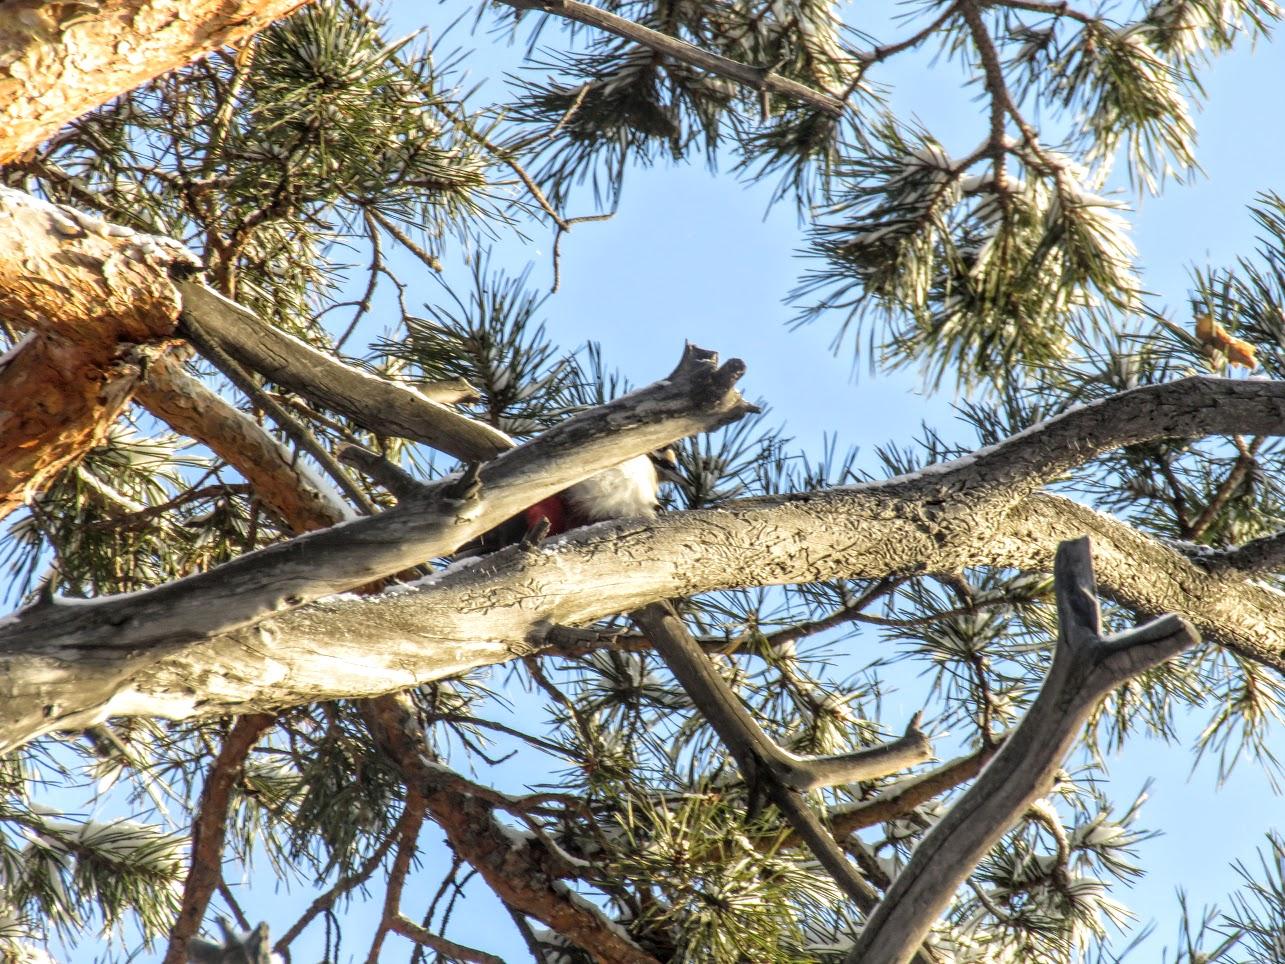 Птички - невелички - ополовники и большой пёстрый дятел IMG 9684